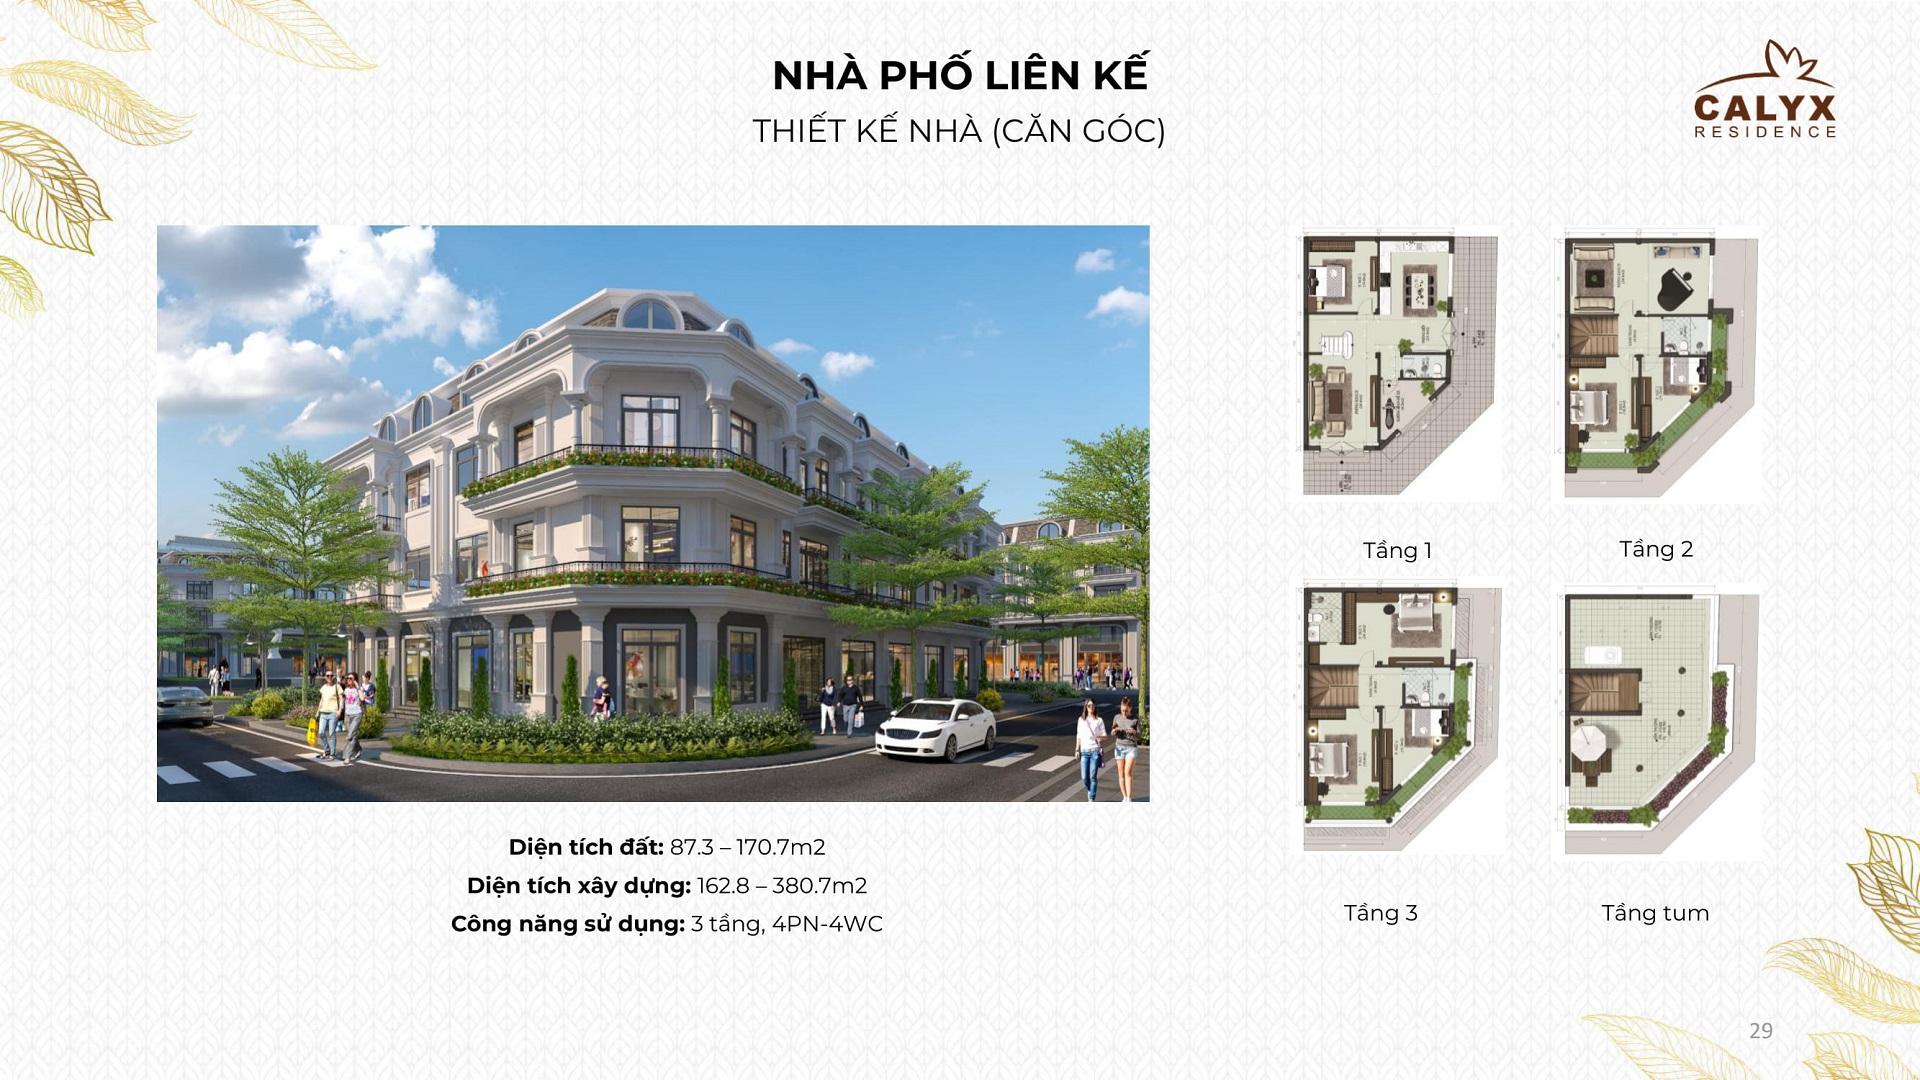 thiết kế shophouse calyx residence 319 uy nỗ đông anh căn góc